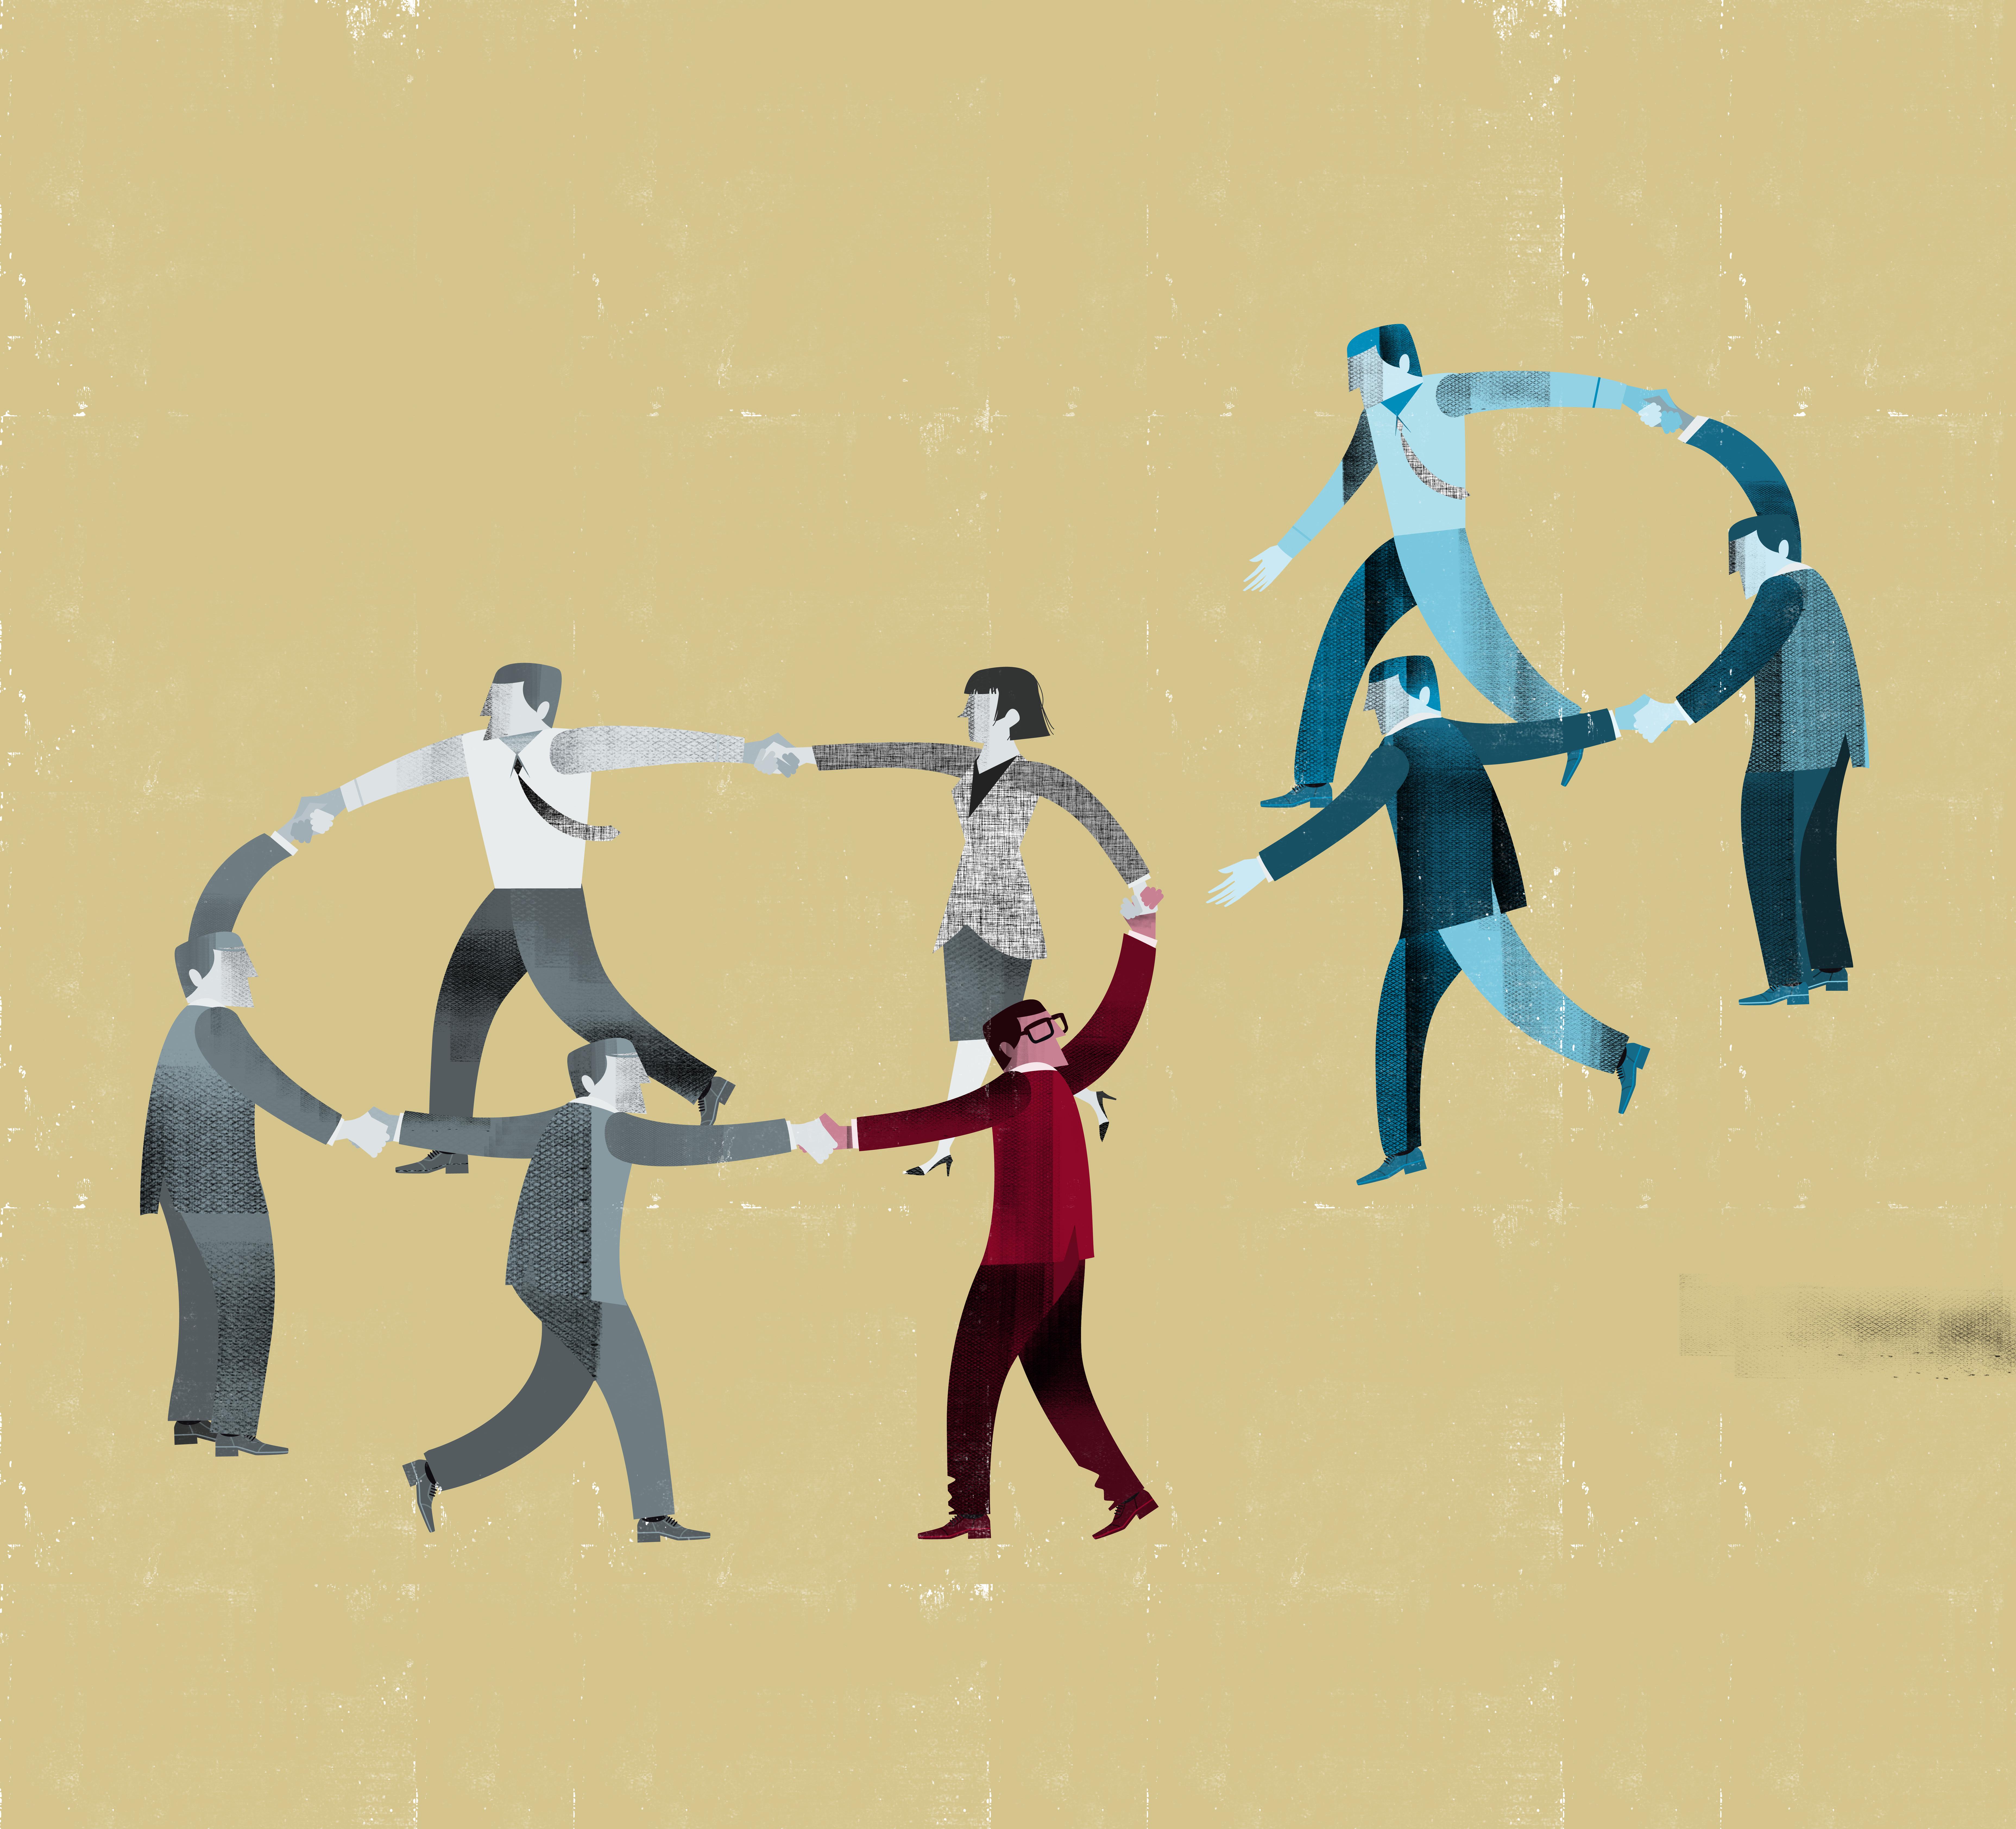 Mentor vs. Sponsor